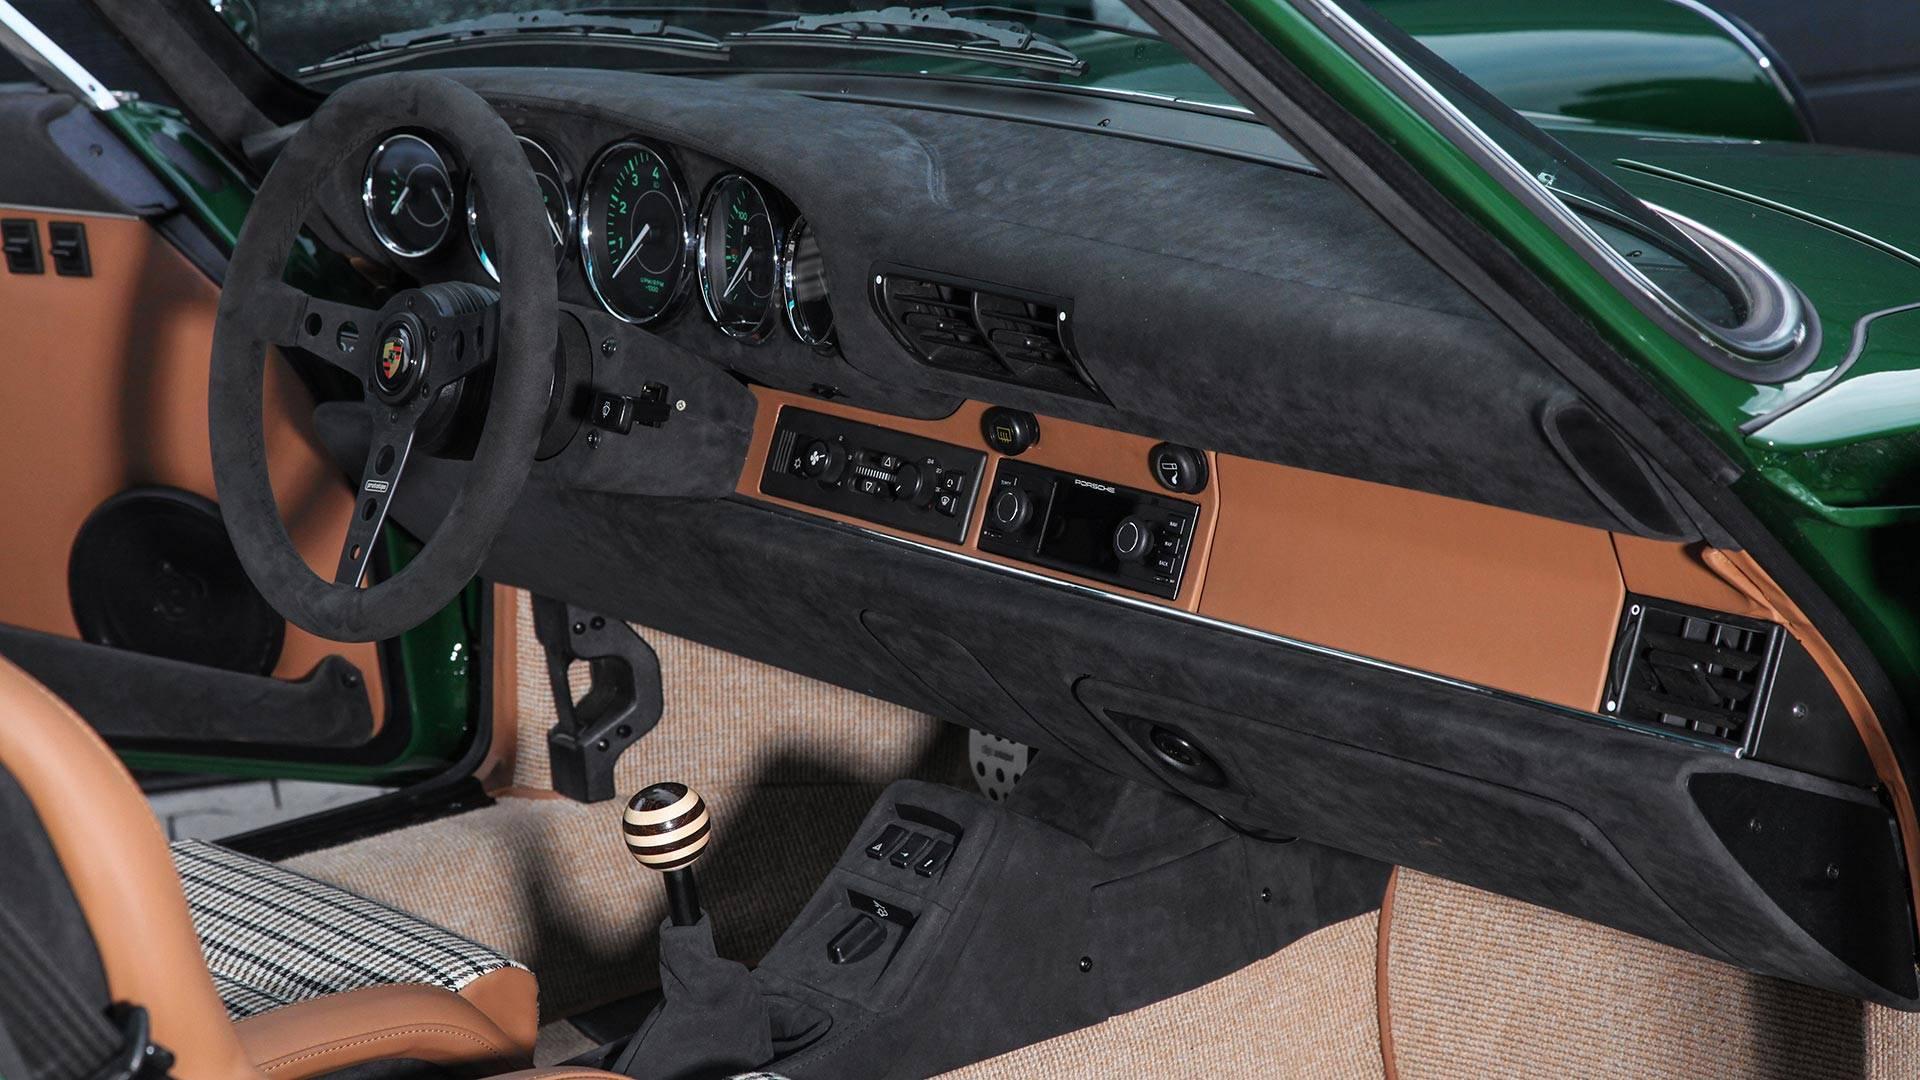 dp-motorsport-porsche-911-964 (12)